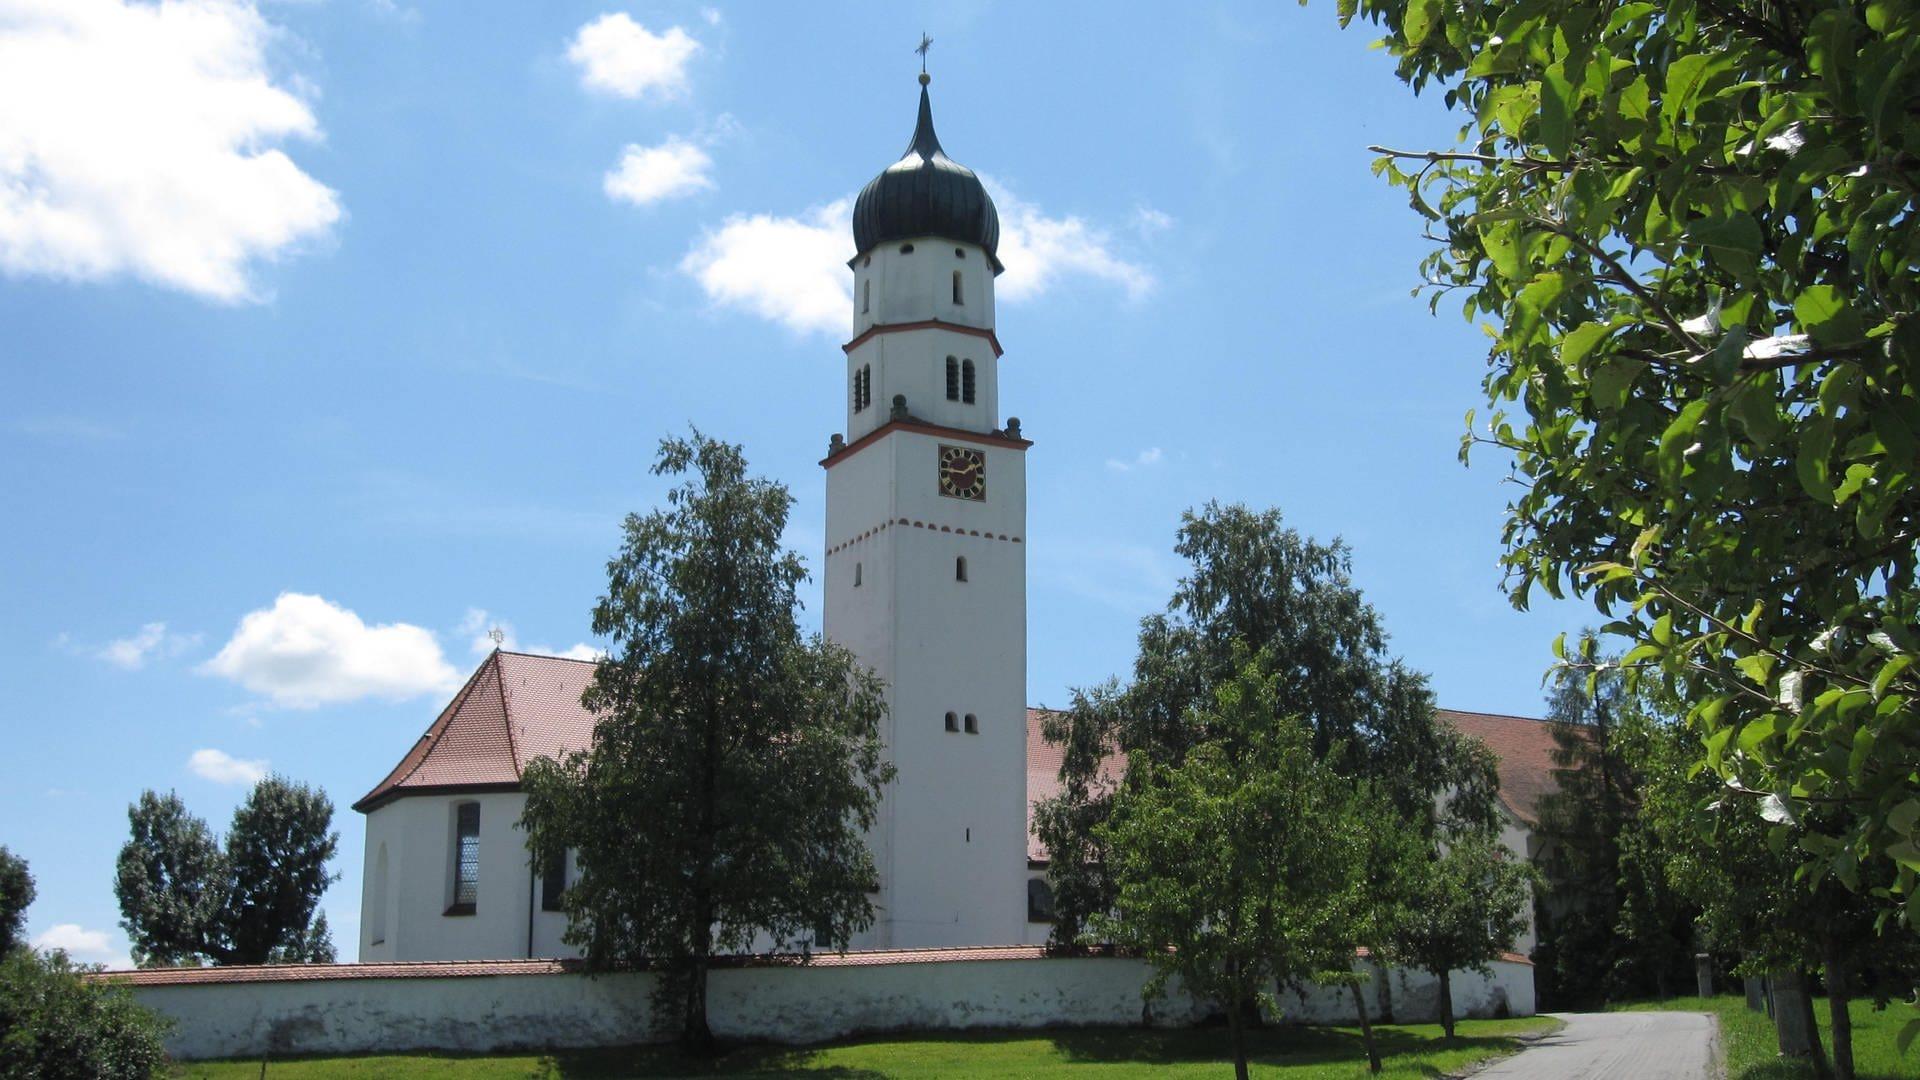 Die barocke Dorfkirche St. Martin in Eintürnen bei Bad Wurzach